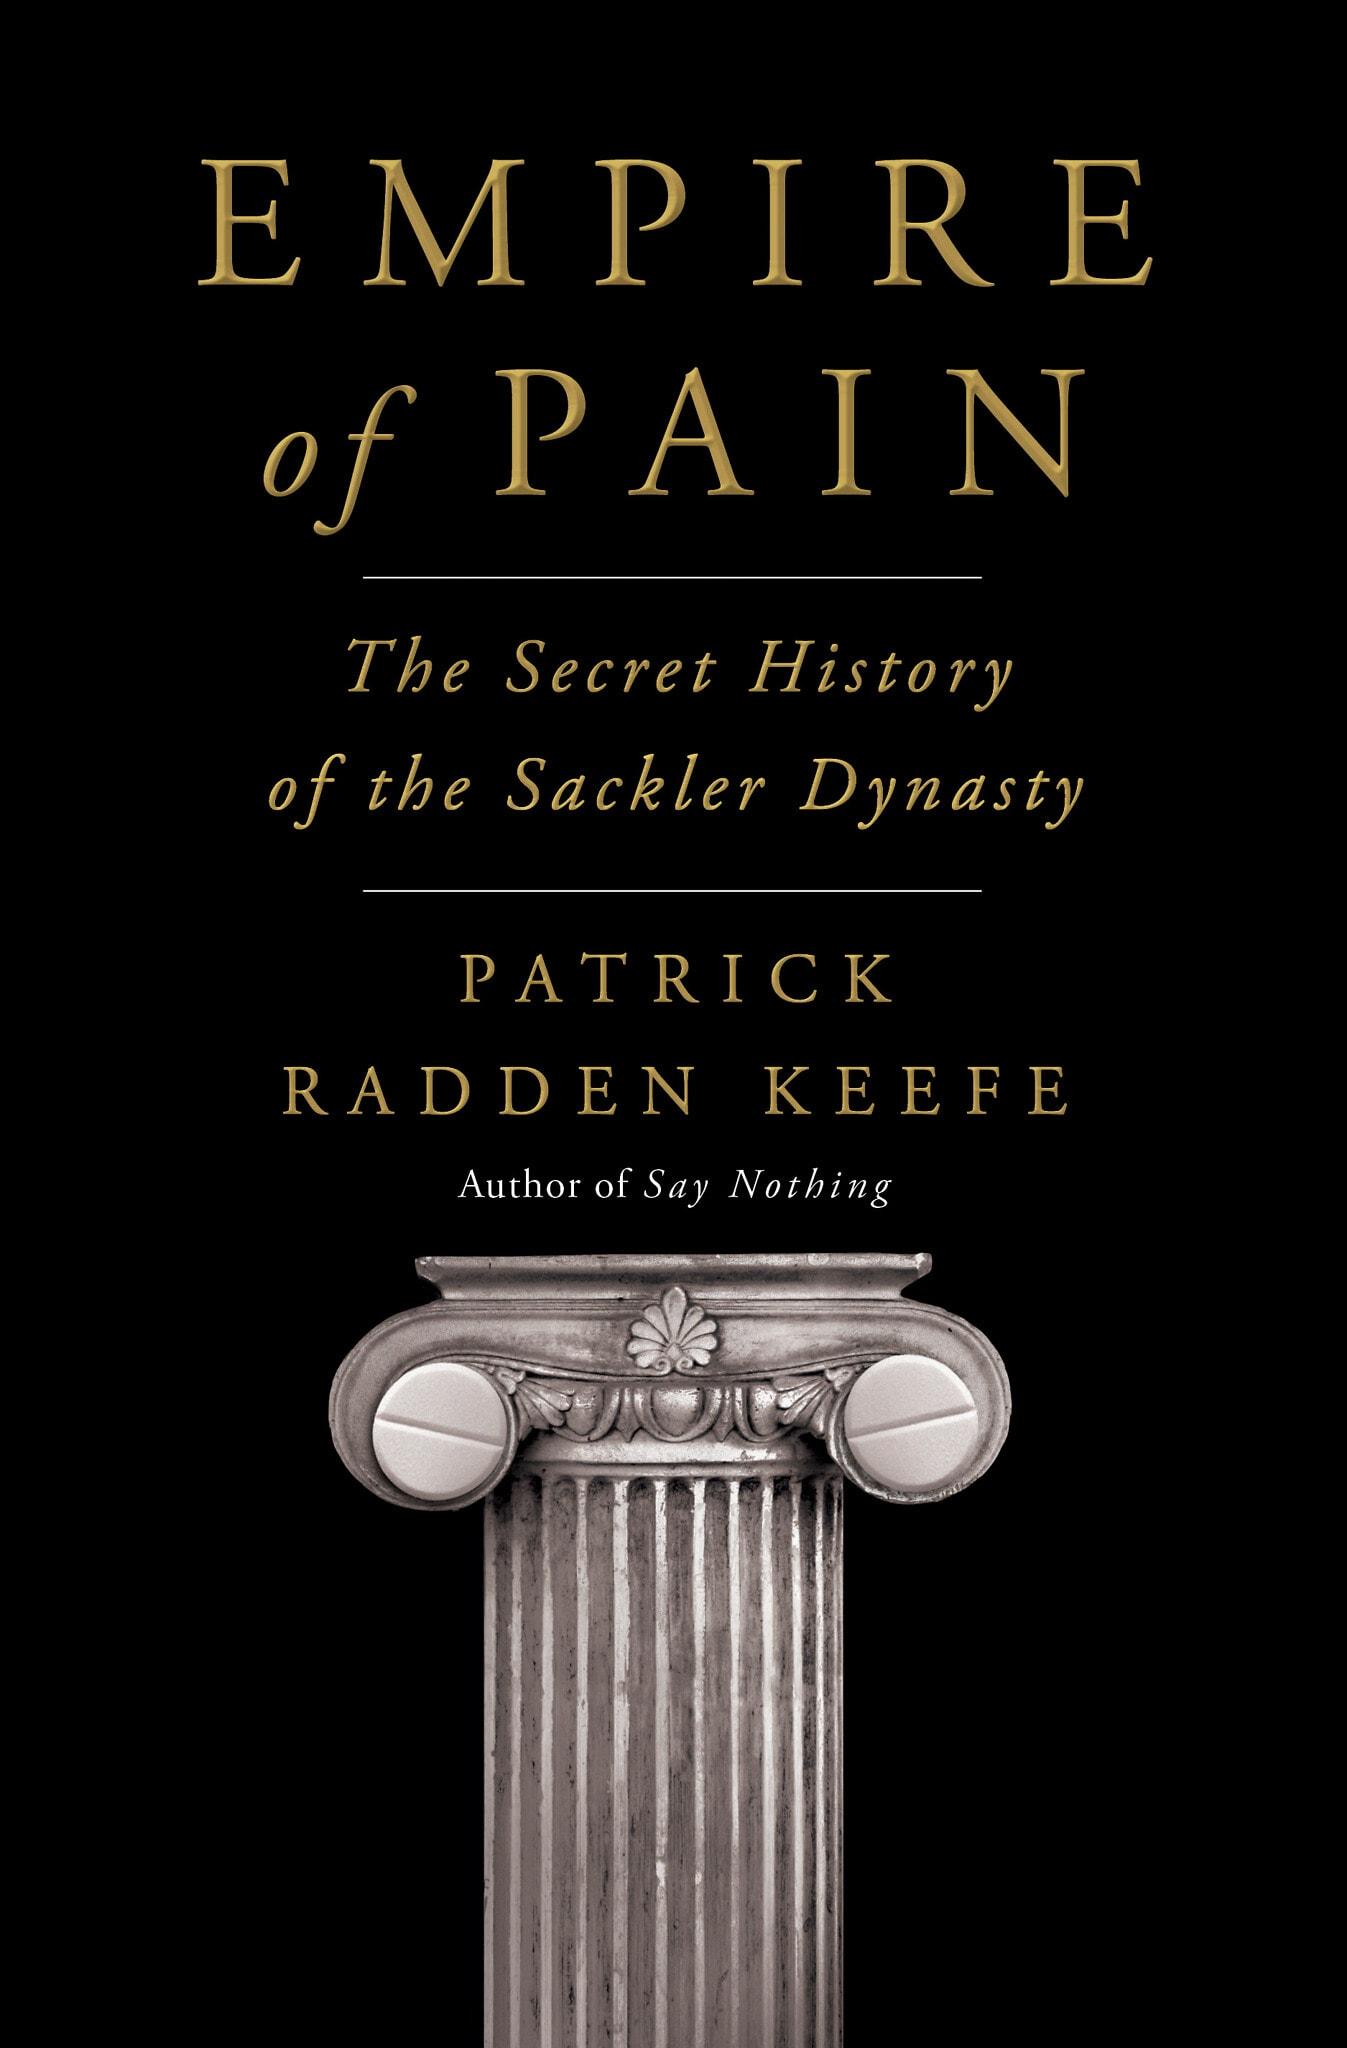 """כריכת ספרו של פטריק ראדן קיף, """"אימפריית הכאב: ההיסטוריה הסודית של שושלת סאקלר"""" (צילום: Doubleday)"""